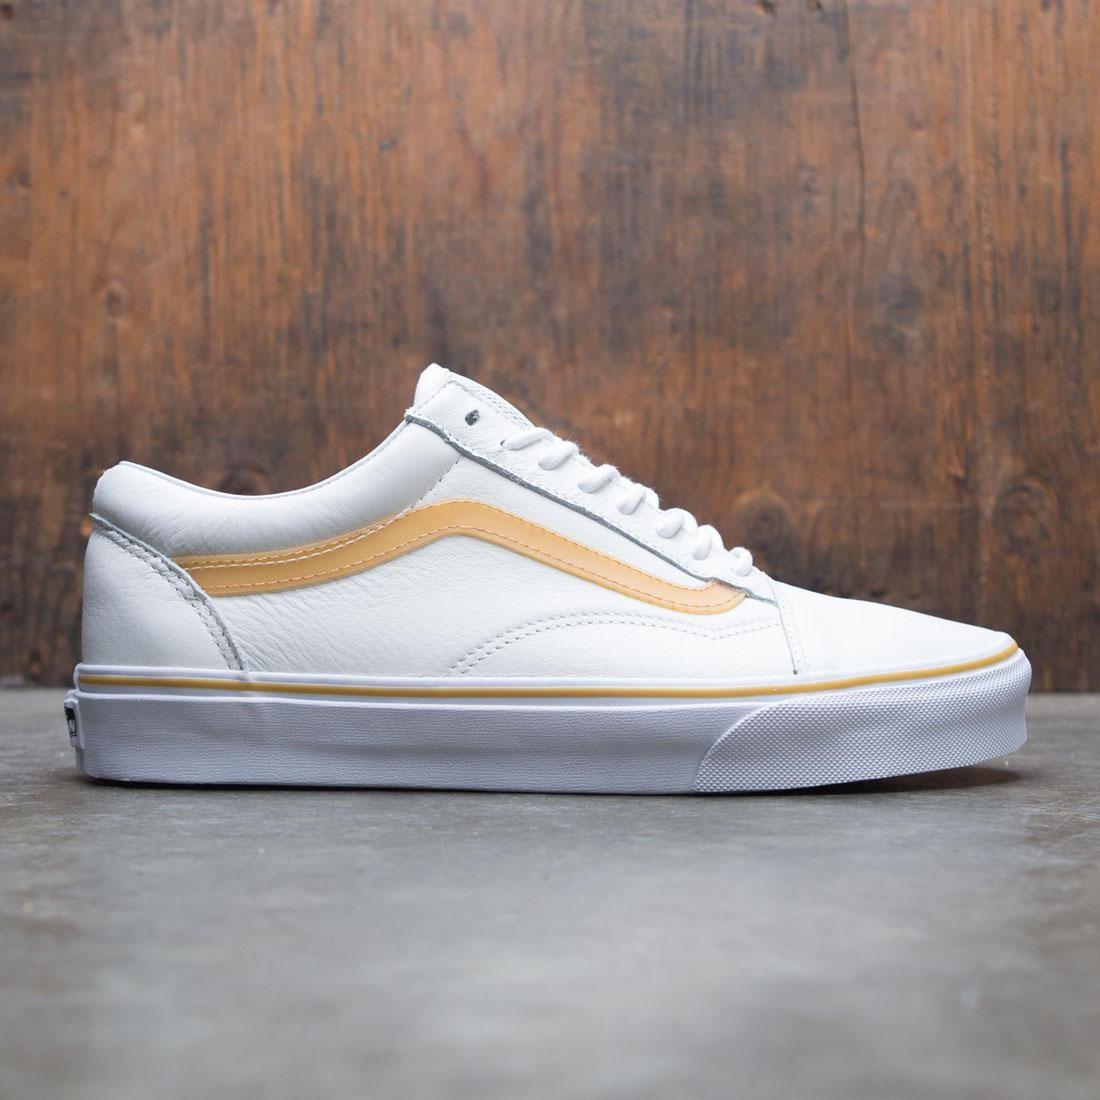 Vans Men Old Skool - Neoprene white yellow d411c693bf